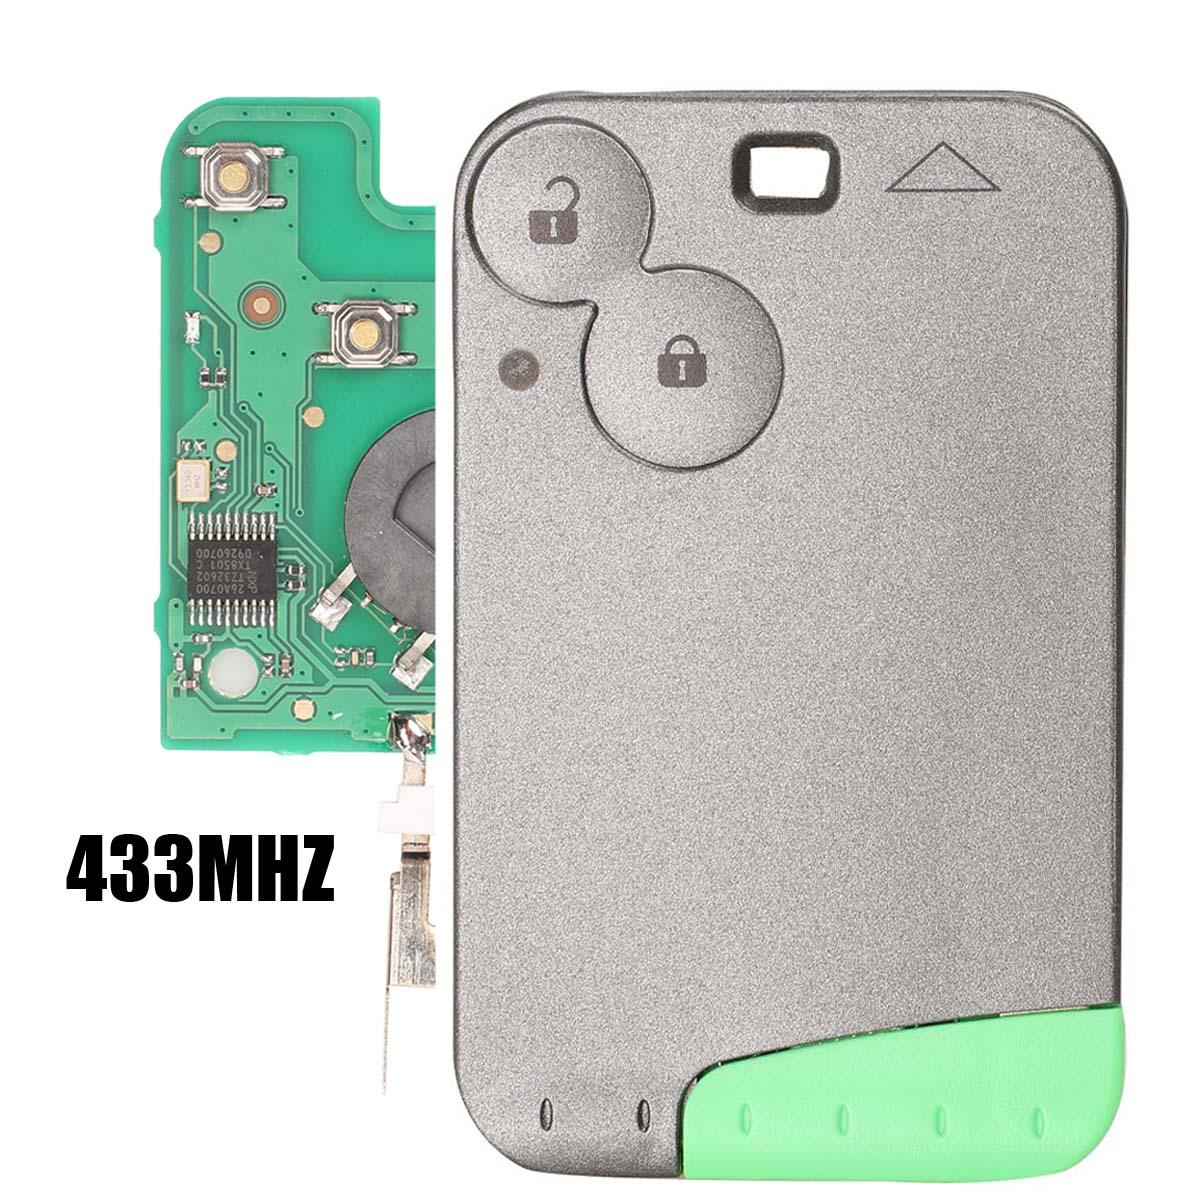 Jingyuqin 433 MHz Pcf7947 Chip 2 Tasten Fernbedienung Auto Schlüssel Karte Shell Fall Mit Klinge Für Renault Laguna mit Uncut schlüssel Klinge